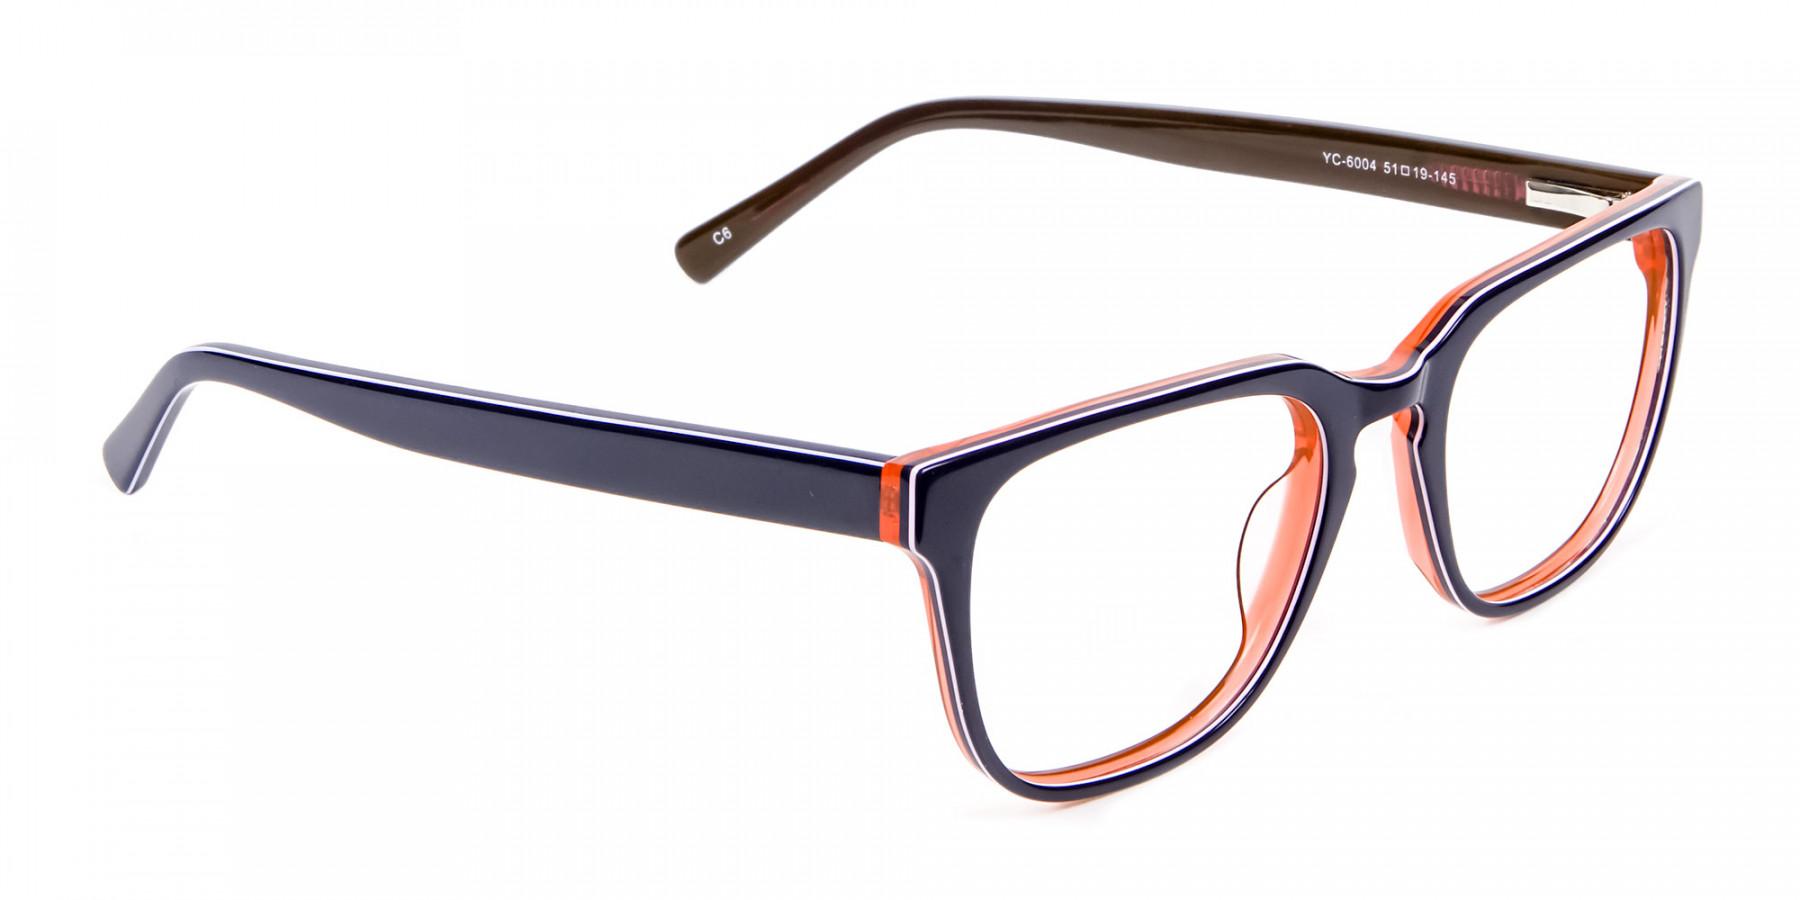 Twist of Orange & Navy Blue